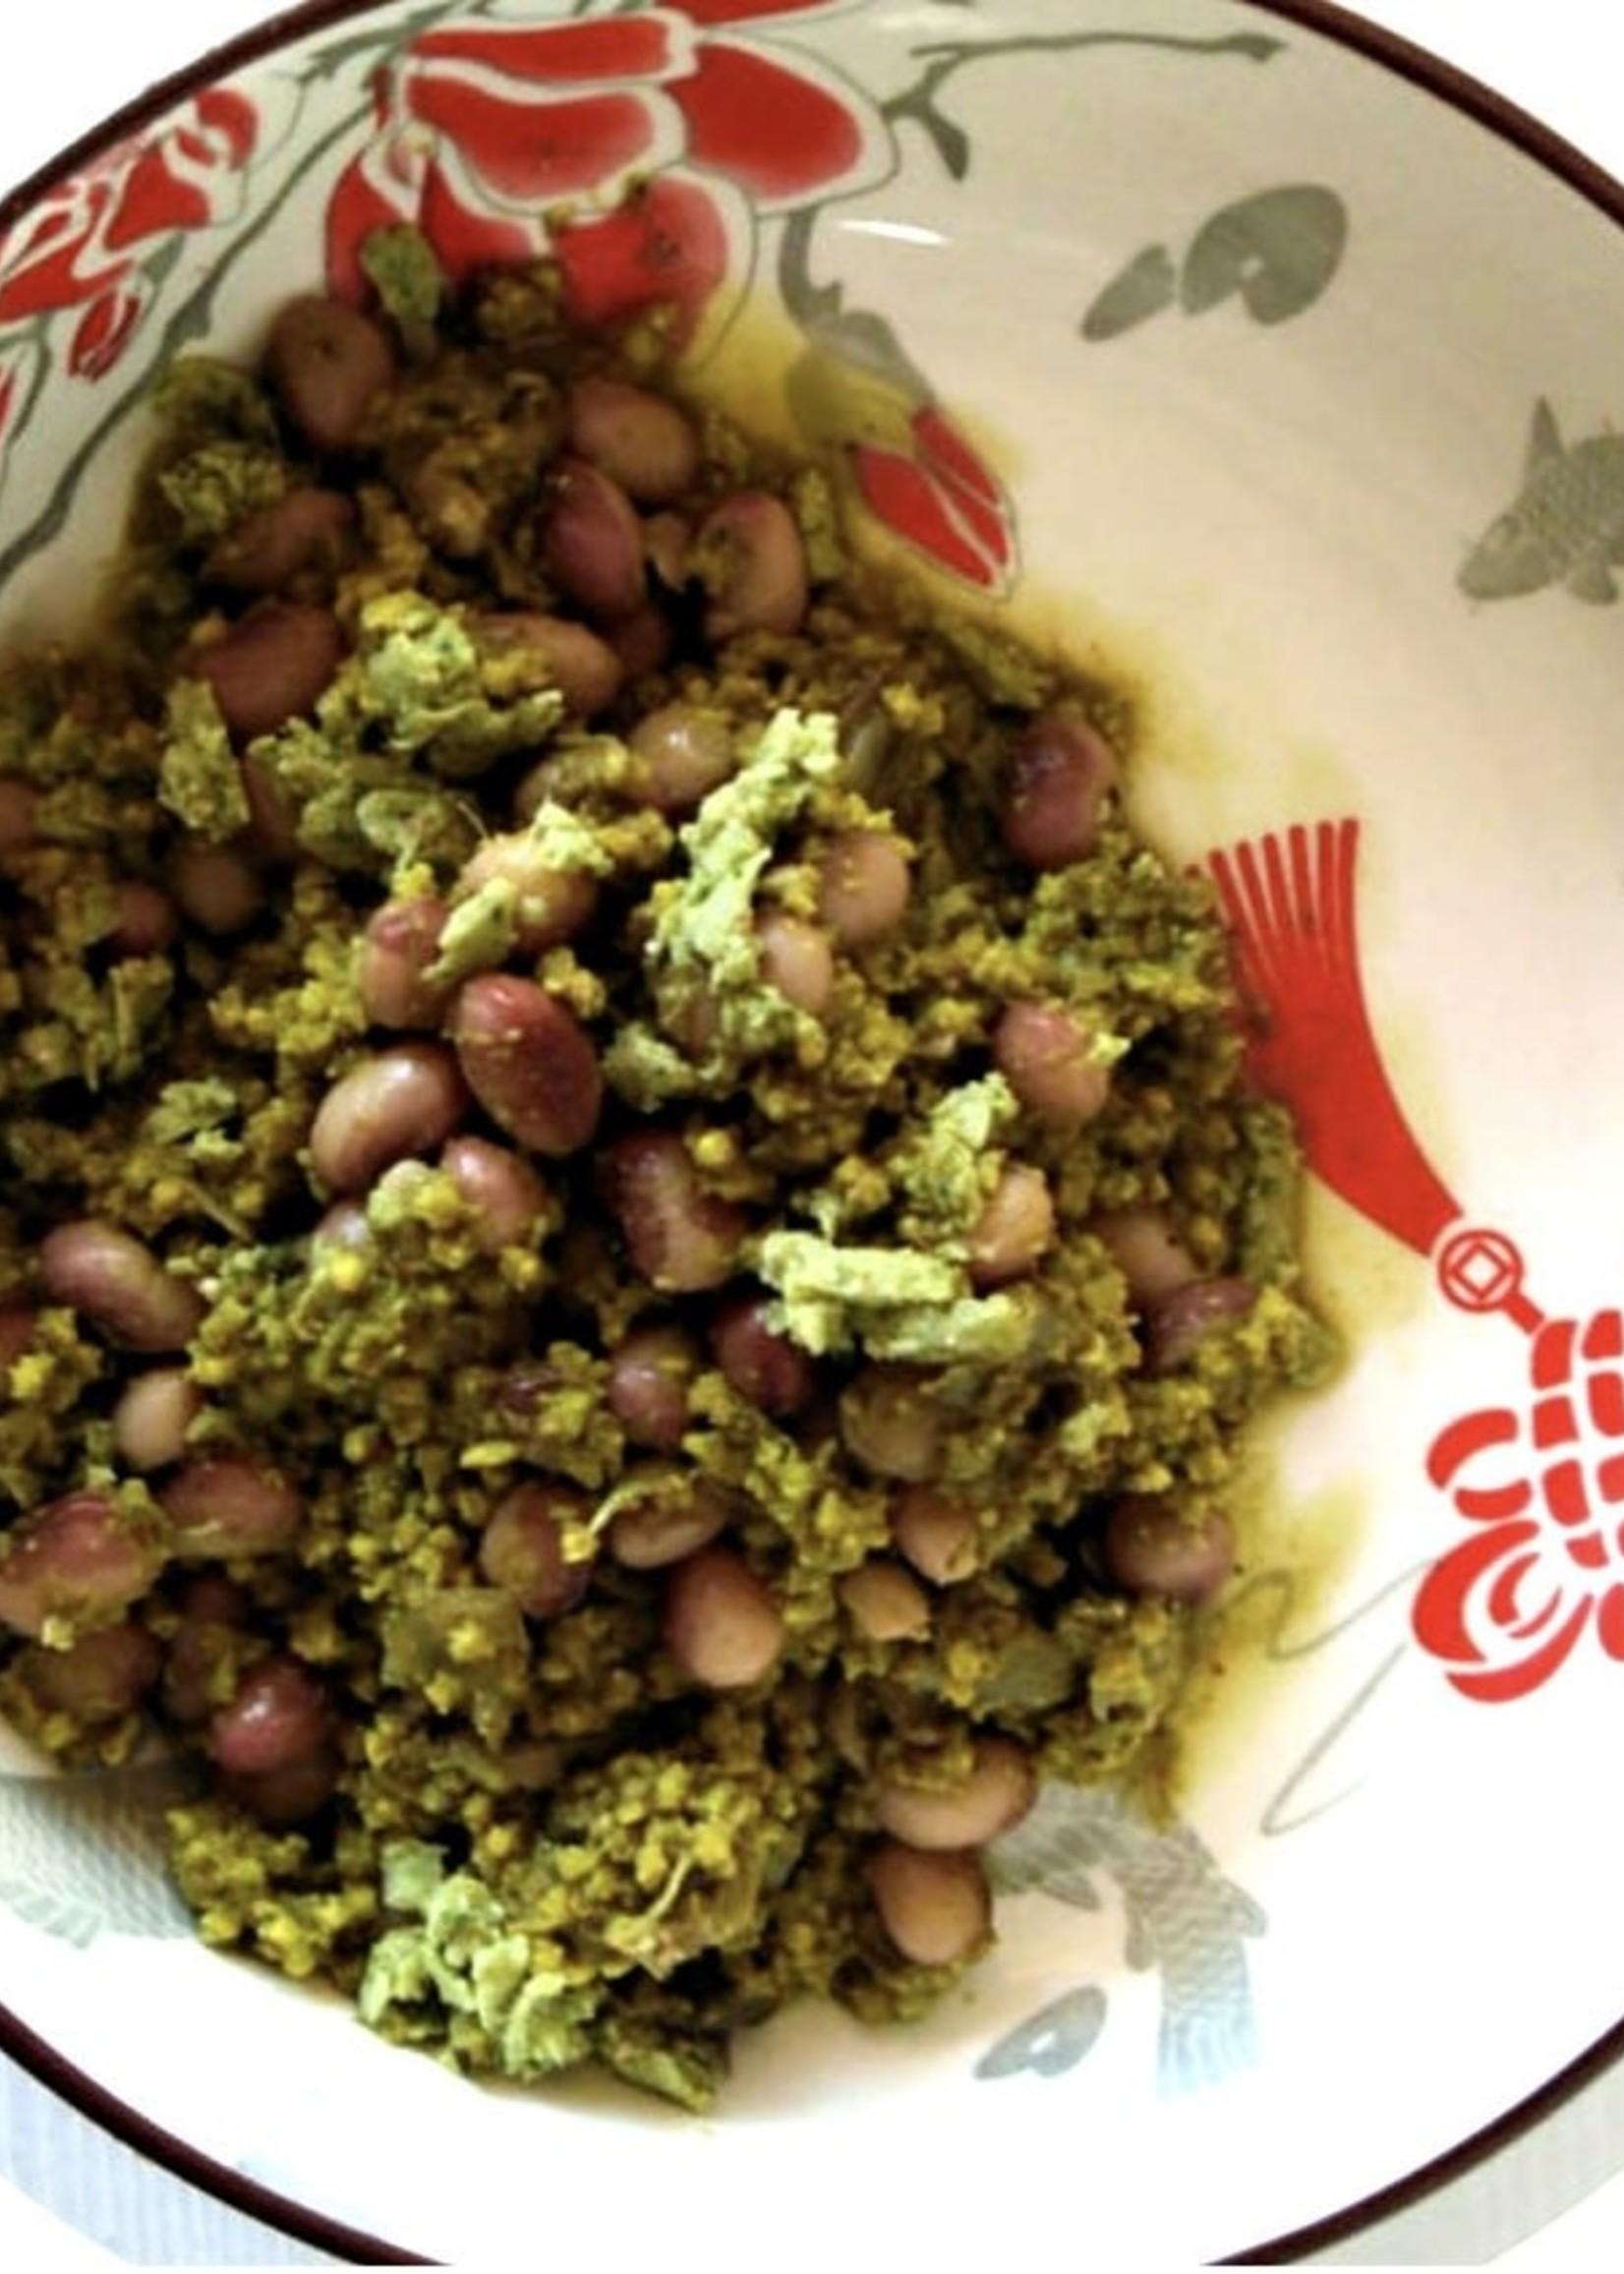 Free Food Free Food - Sugar bean & basil pesto millet bake